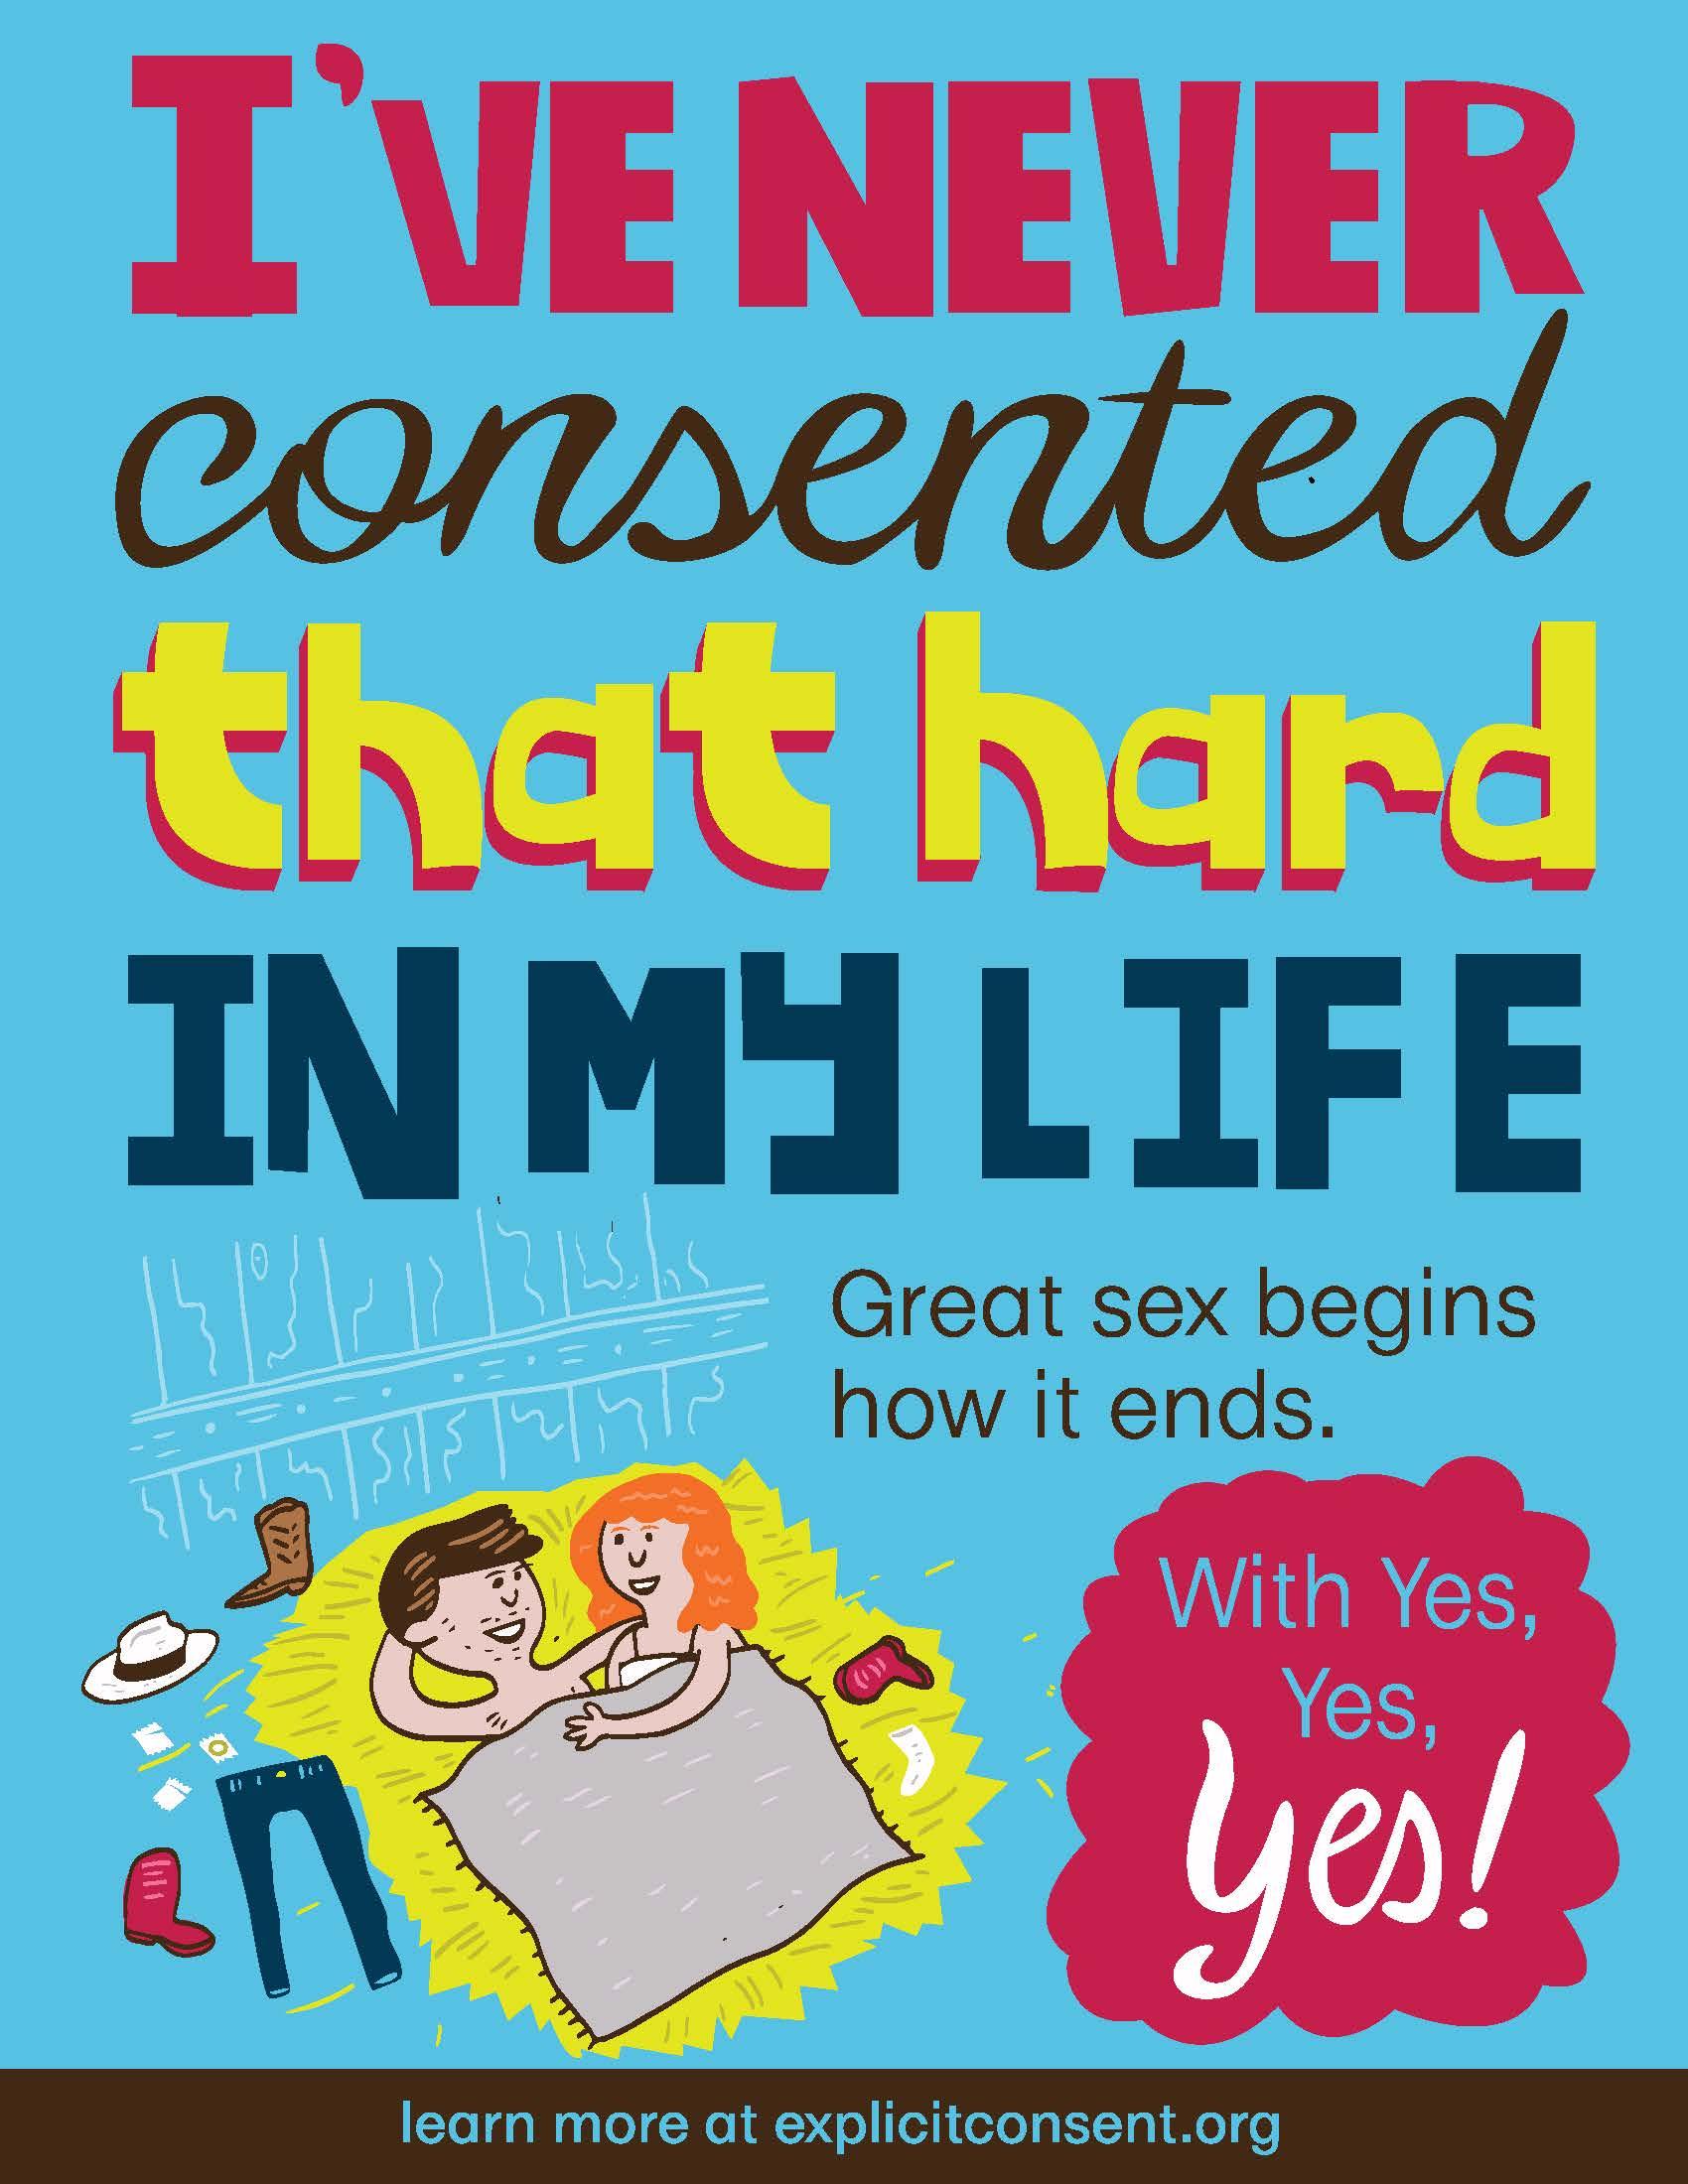 MCADSV-3384_Consent_Posters_hard_hay_rural_hetero_v1.jpg